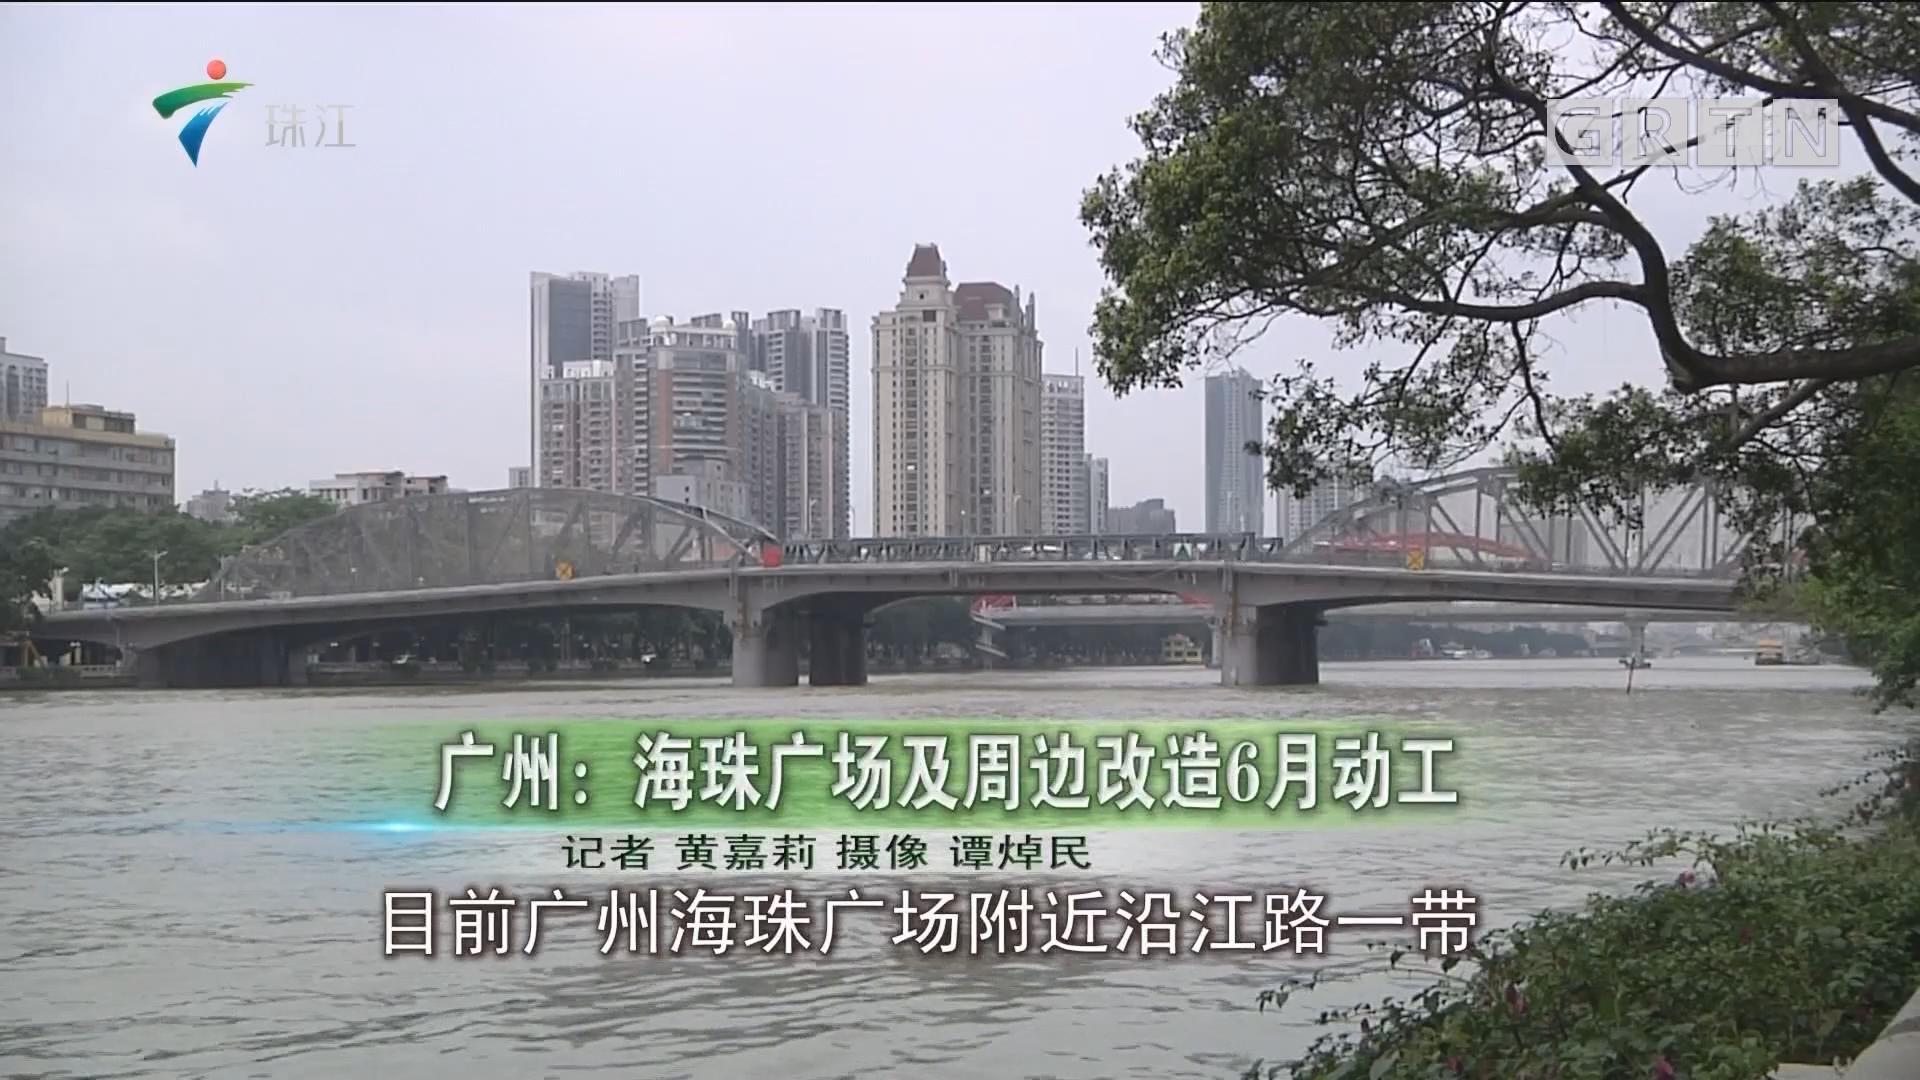 广州:海珠广场及周边改造6月动工